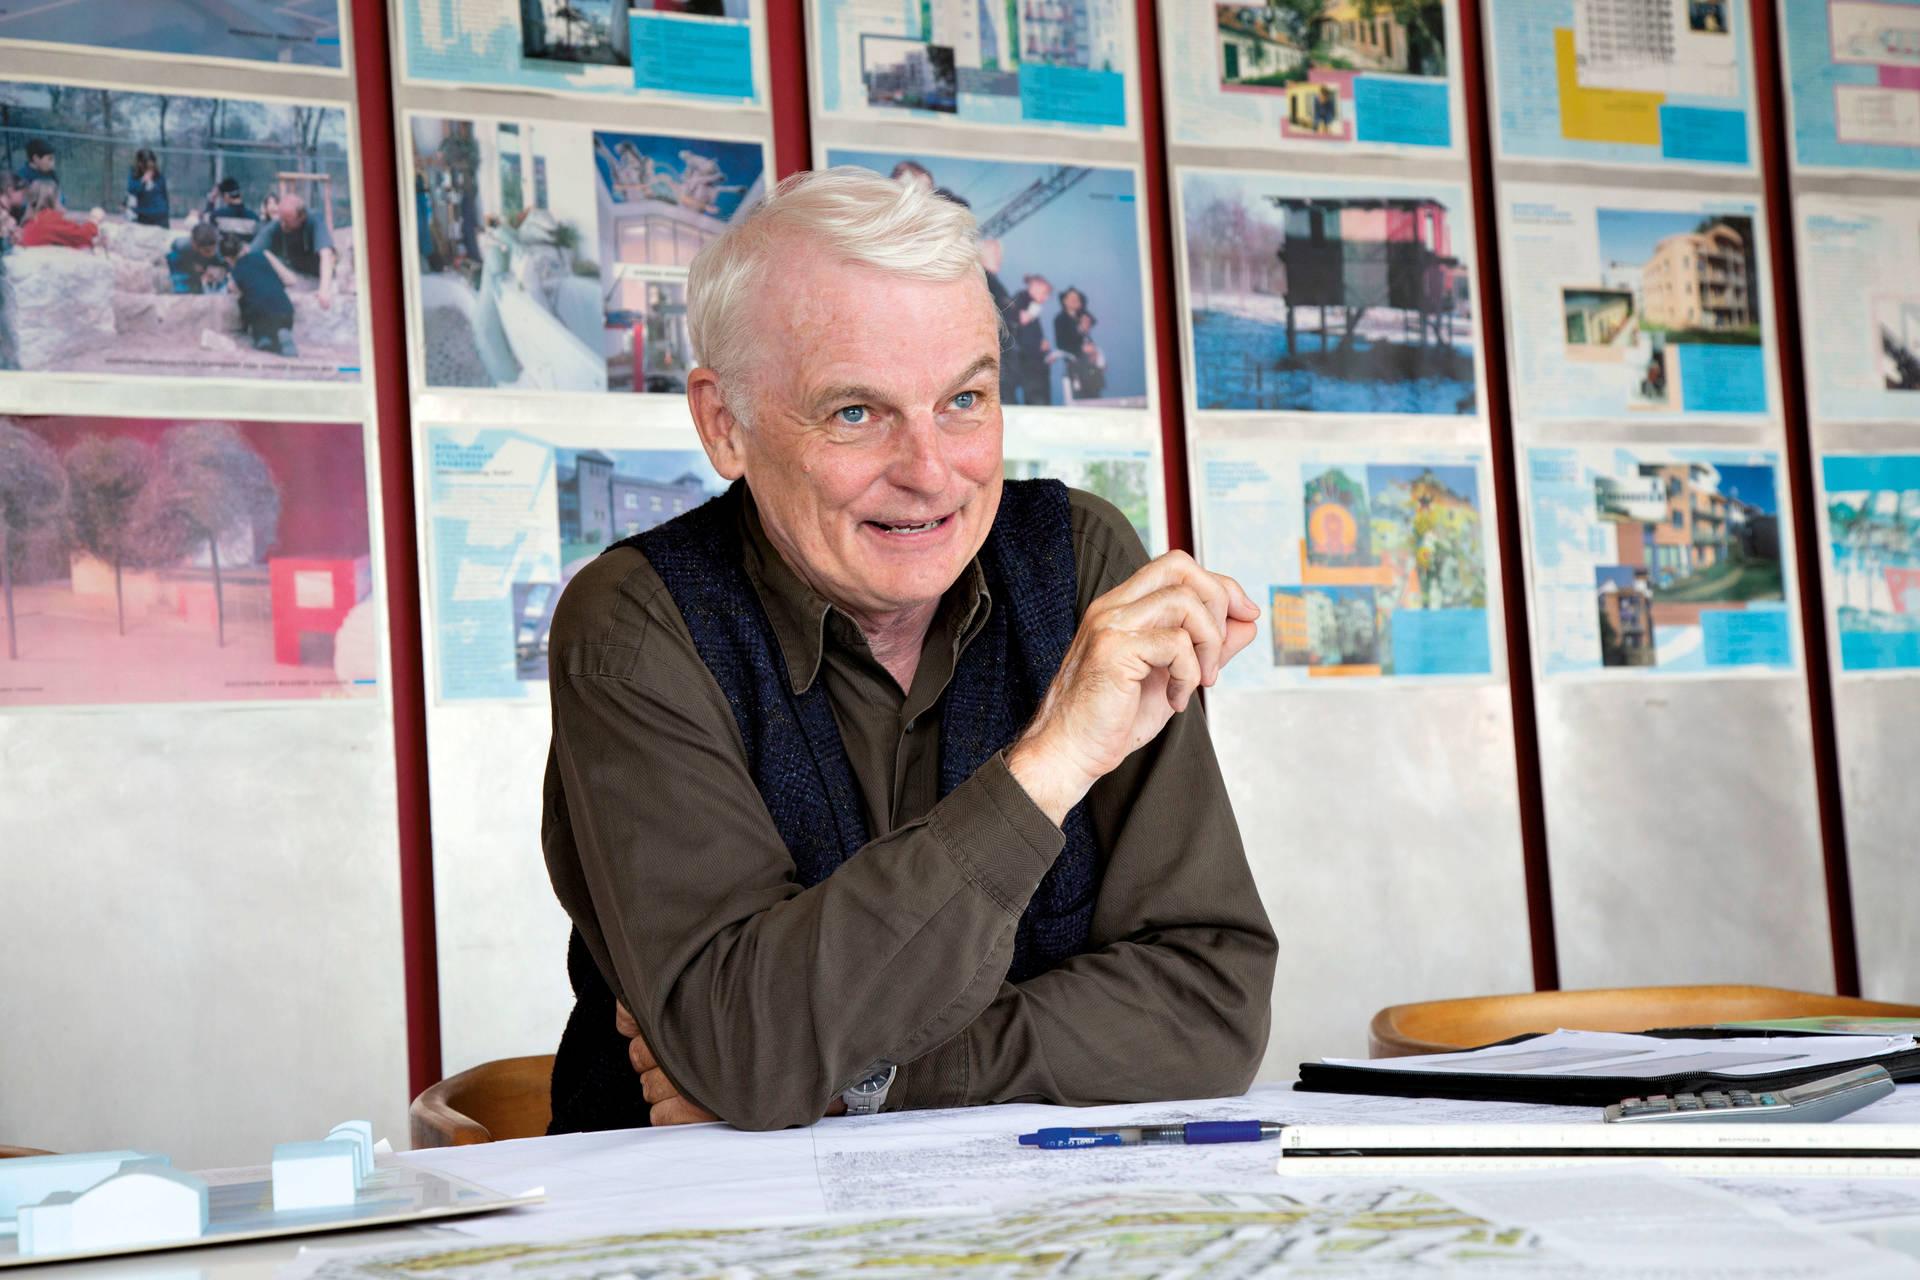 Tobias Behrens von der Stattbau Hamburg GmbH sieht großes Potenzial für einen sozial ausgerichteten Wohnungsbau bei den Wohnstiften.